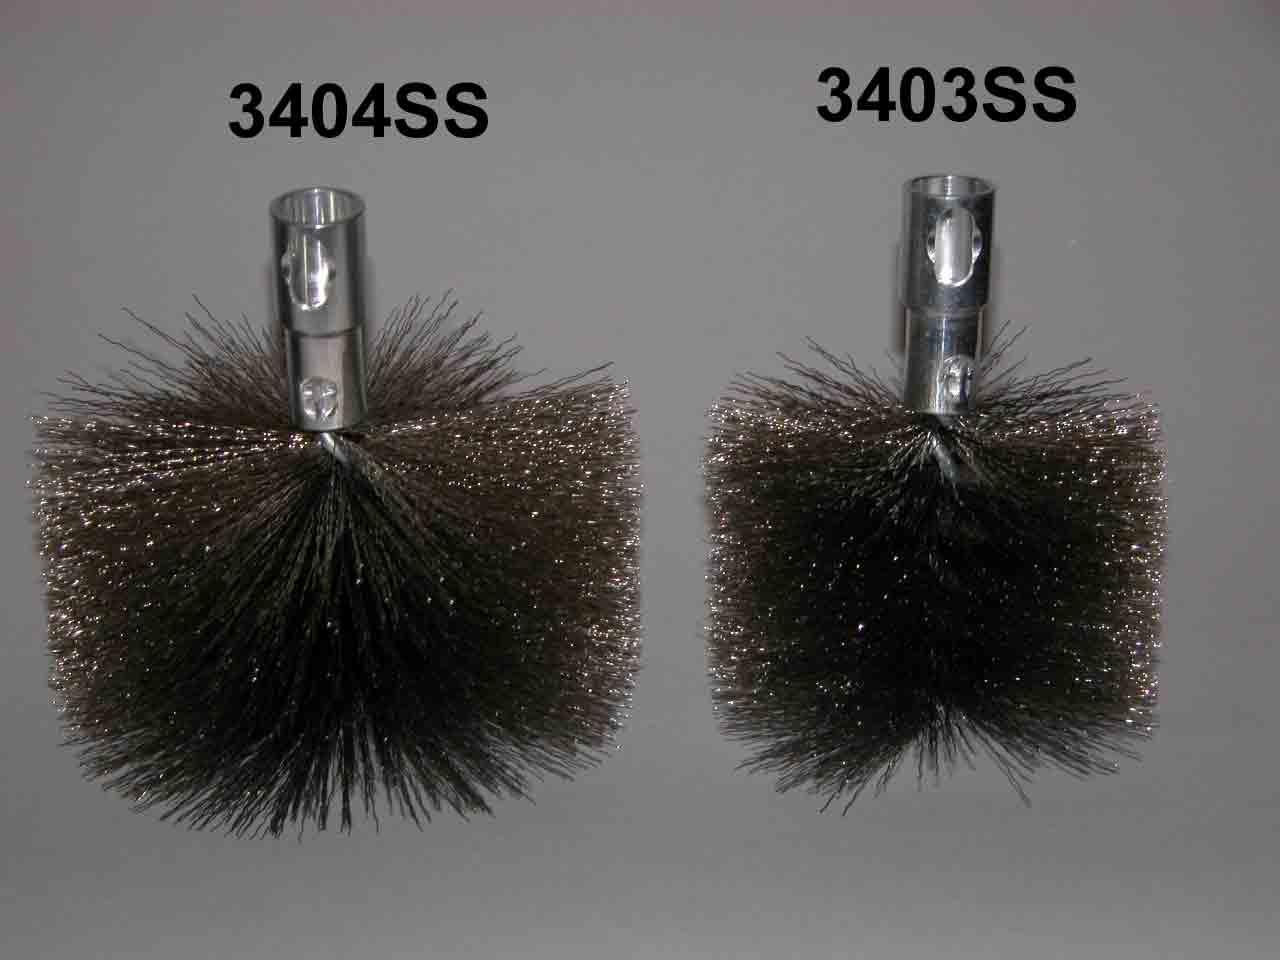 Stainless Steel Bristle Pellet/Dryer Vent Brush, 4